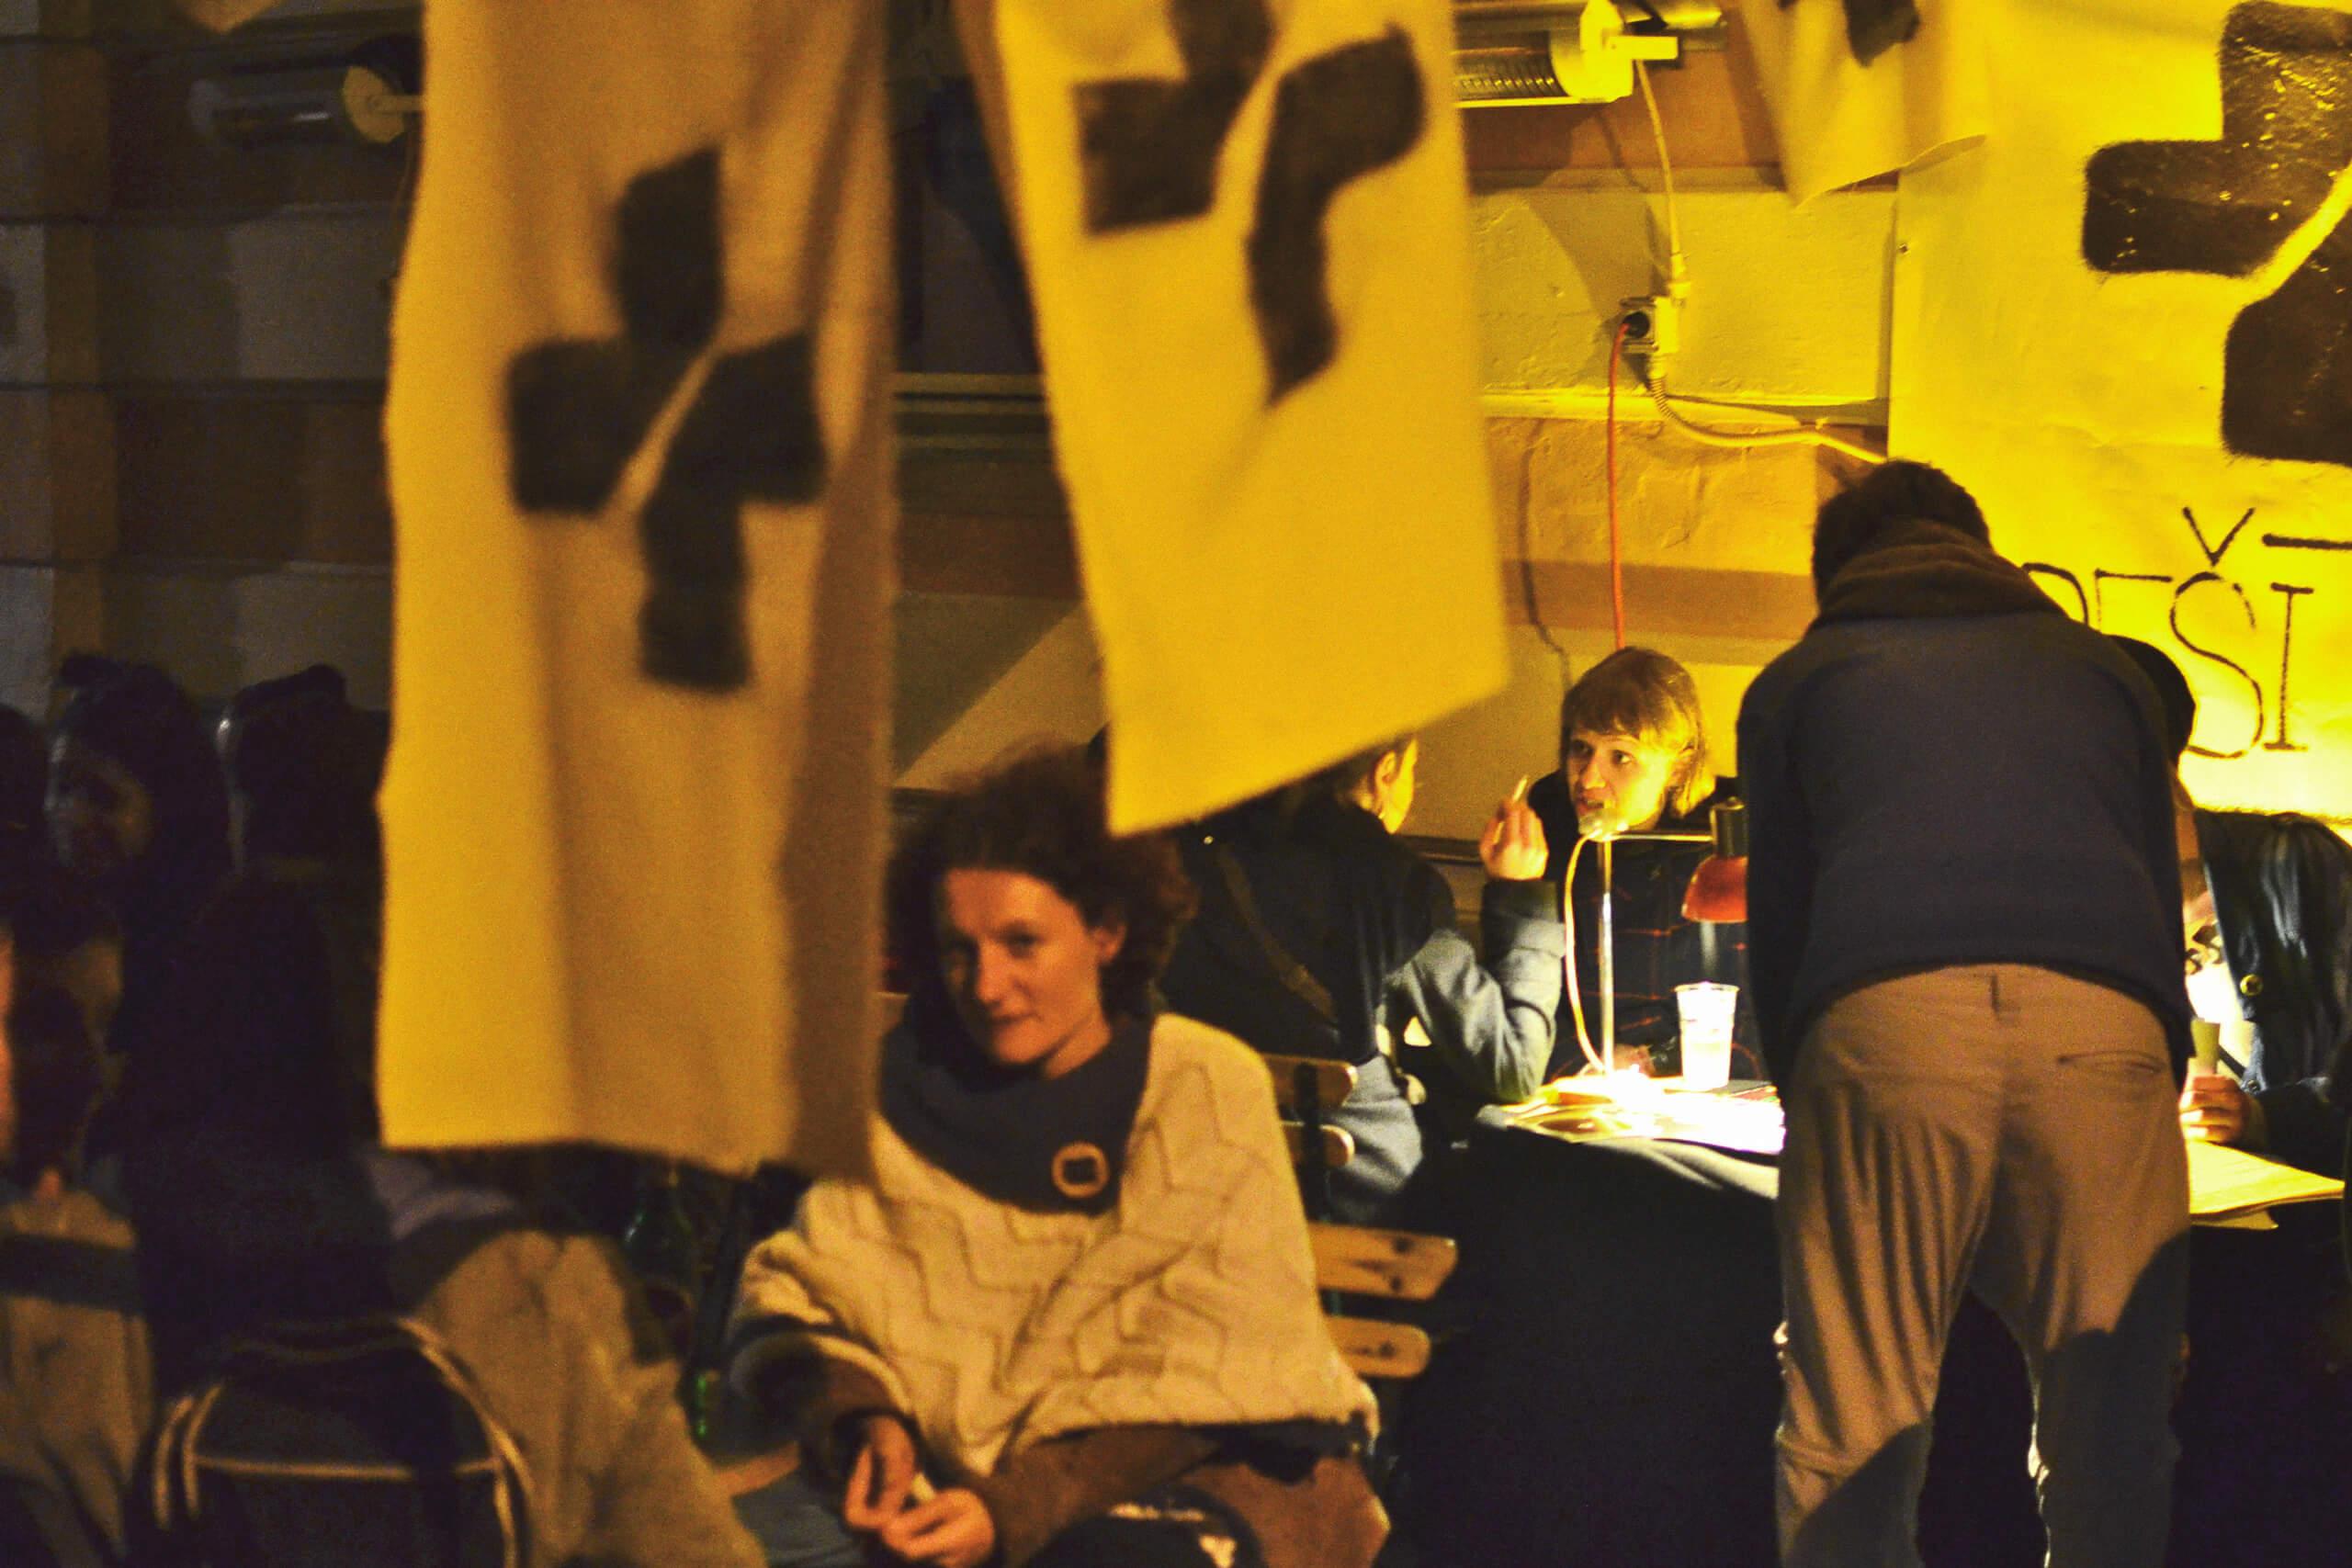 People on a Radio Študent fundraiser event.